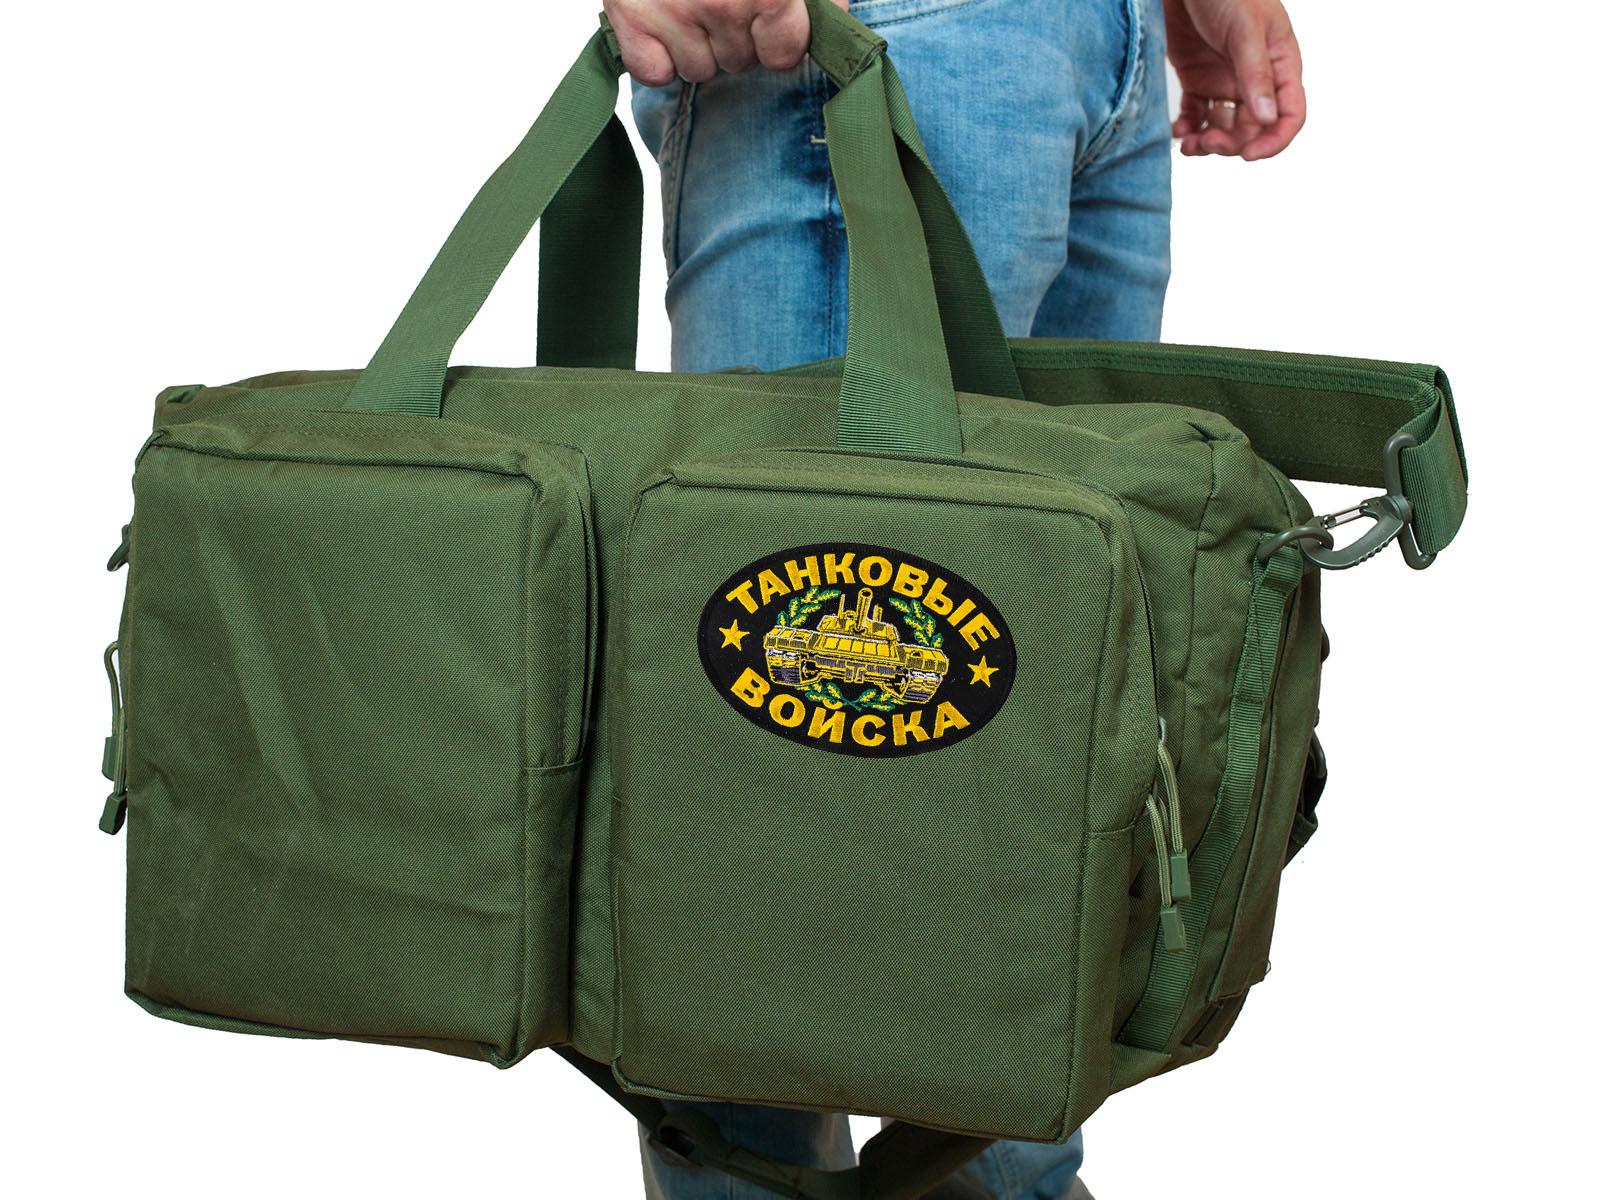 Походная мужская сумка-рюкзак с нашивкой Танковые Войска - купить онлайн